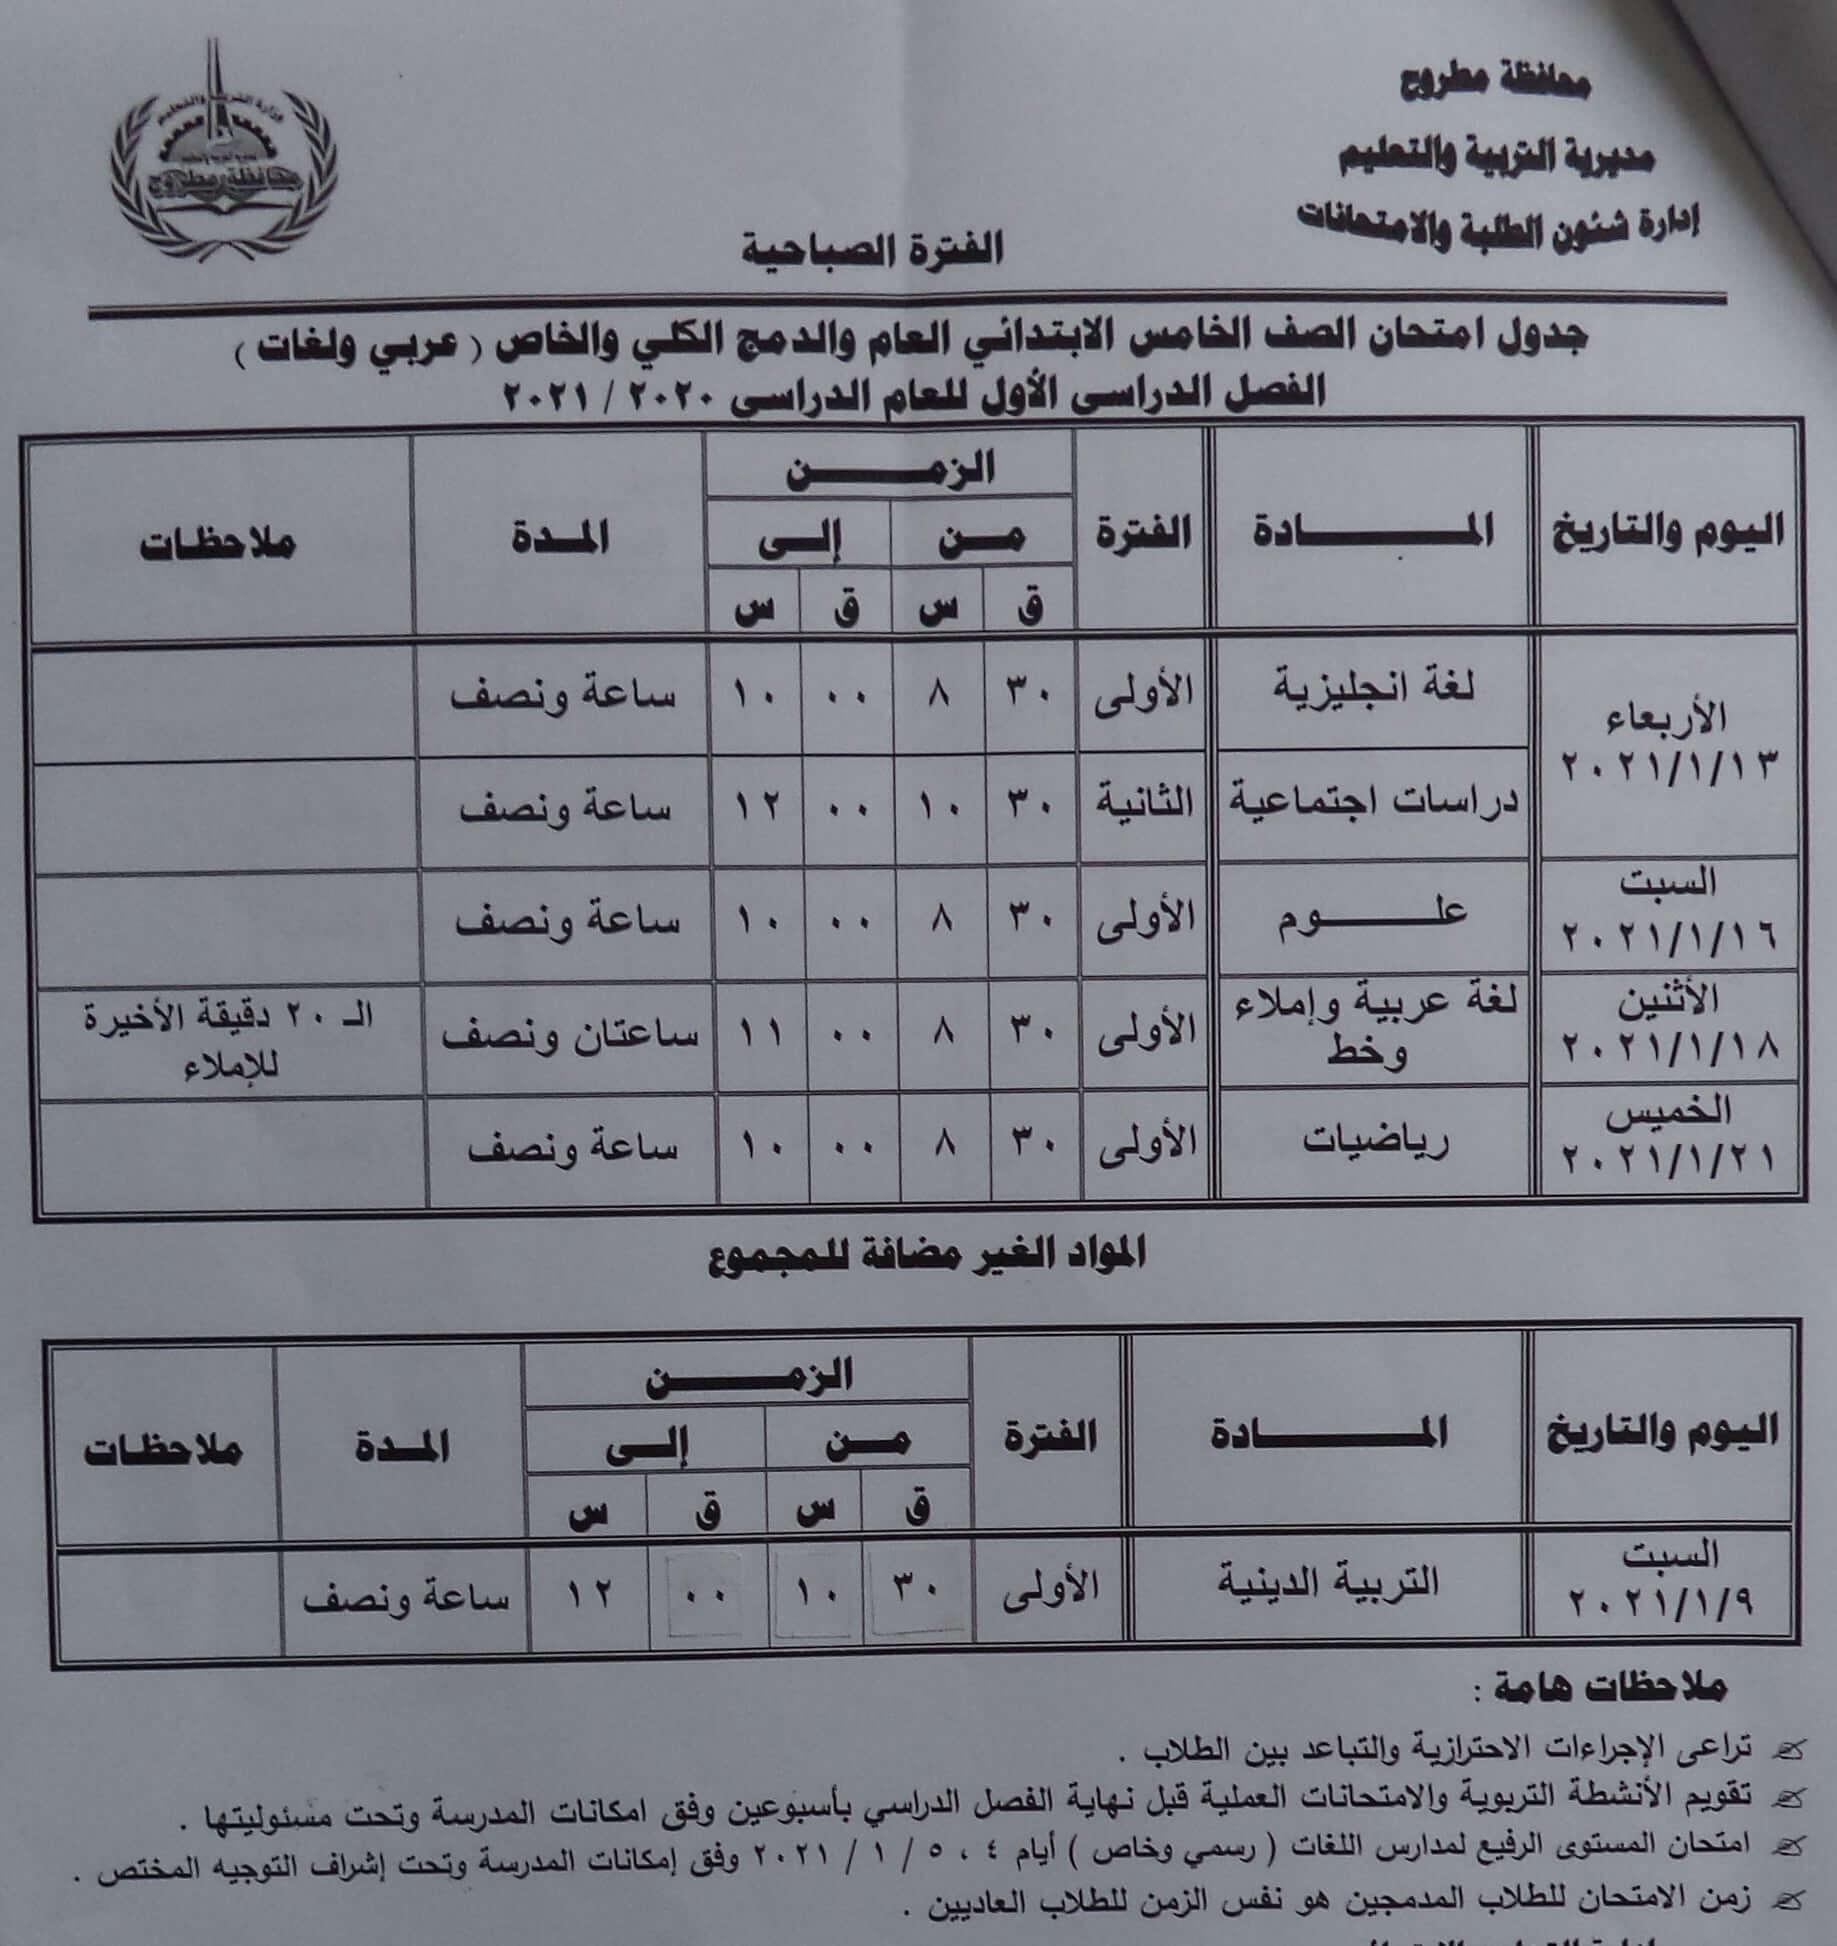 جدول امتحانات الصف الخامس الابتدائي نصف العام محافظة مطروح 2021 1